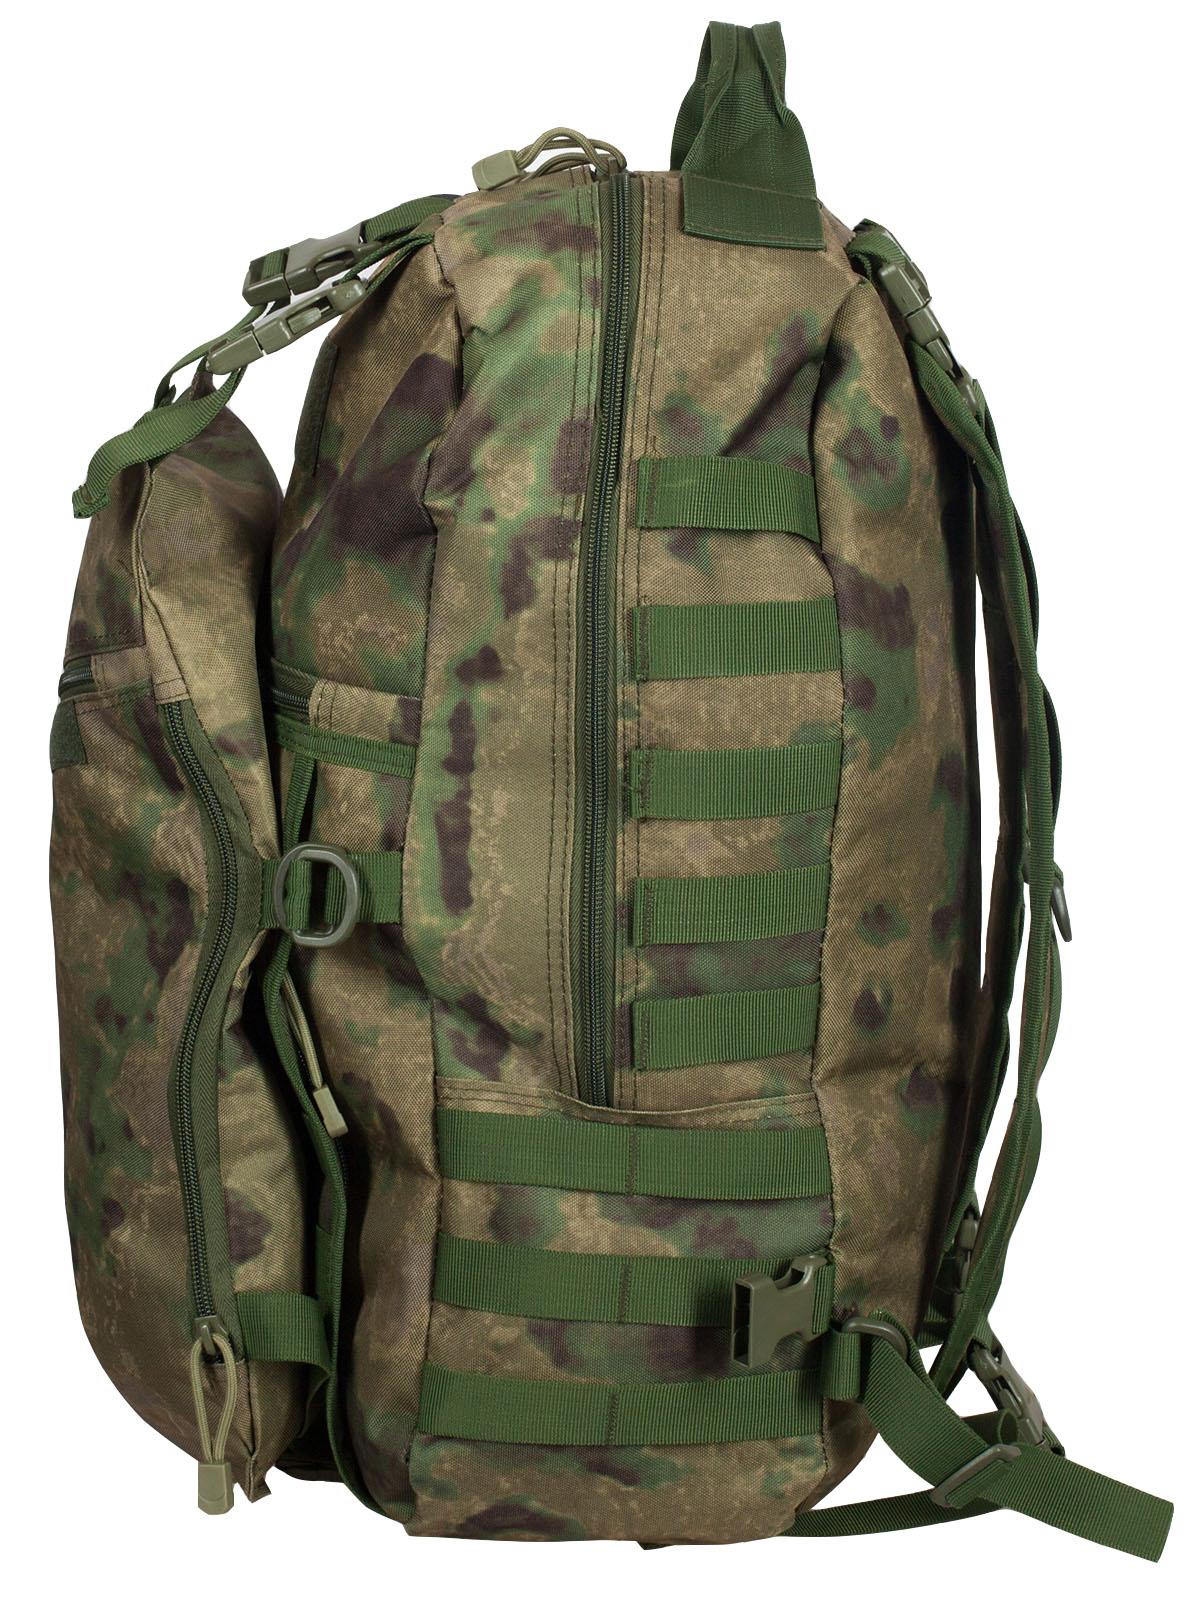 Военный камуфляжный рюкзак с нашивкой Пограничной службы - заказать в розницу